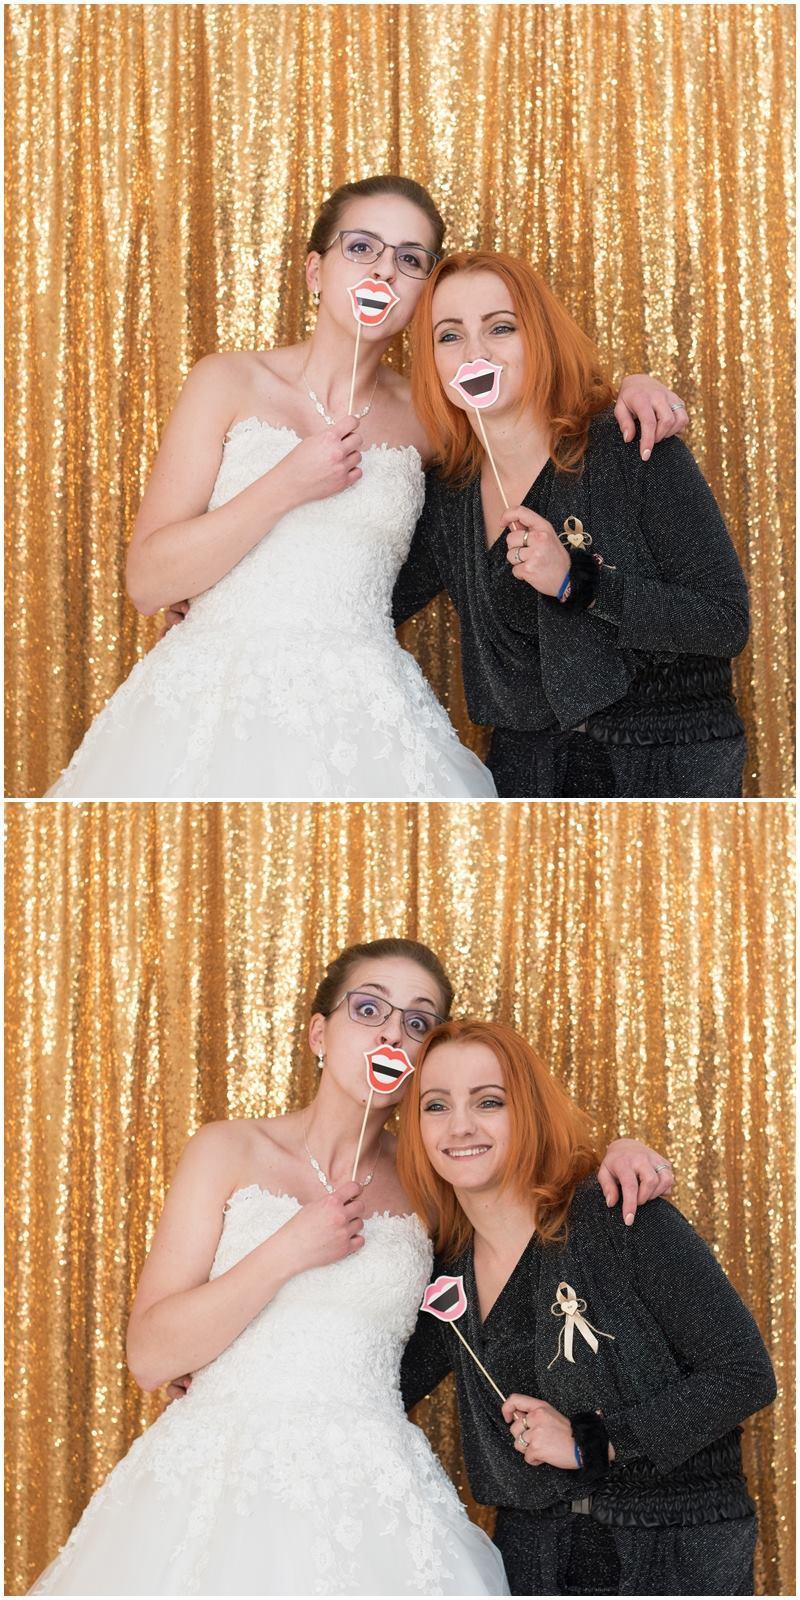 Svatební fotokoutek (s tiskem na místě i bez) - Oblíbené zlaté pozadí do fotokoutku a první letošní nevěsta s naší milou fotografkou :)